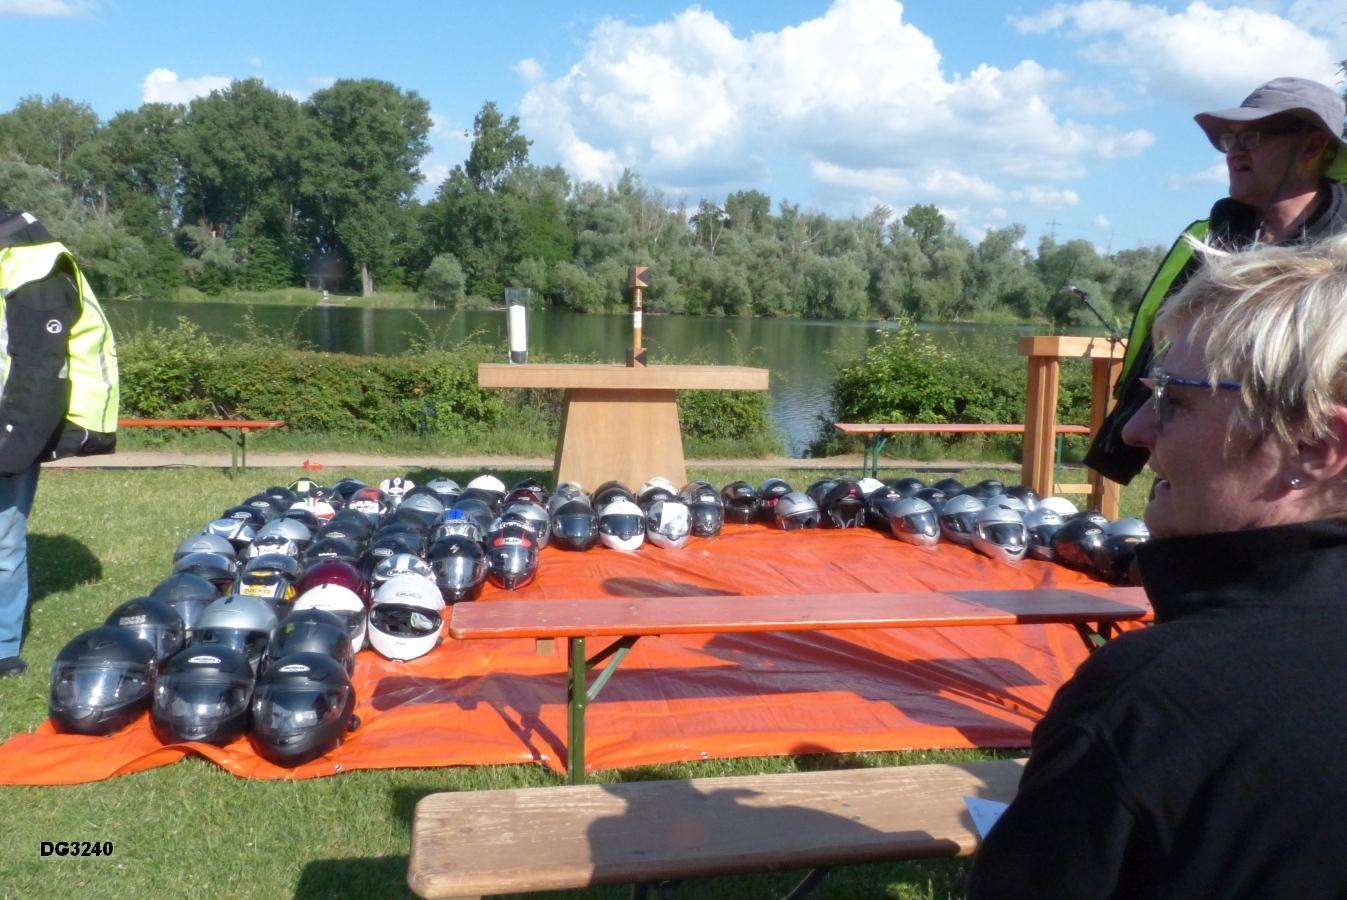 Die Motorradhelme werden vor dem Altar abgelegt